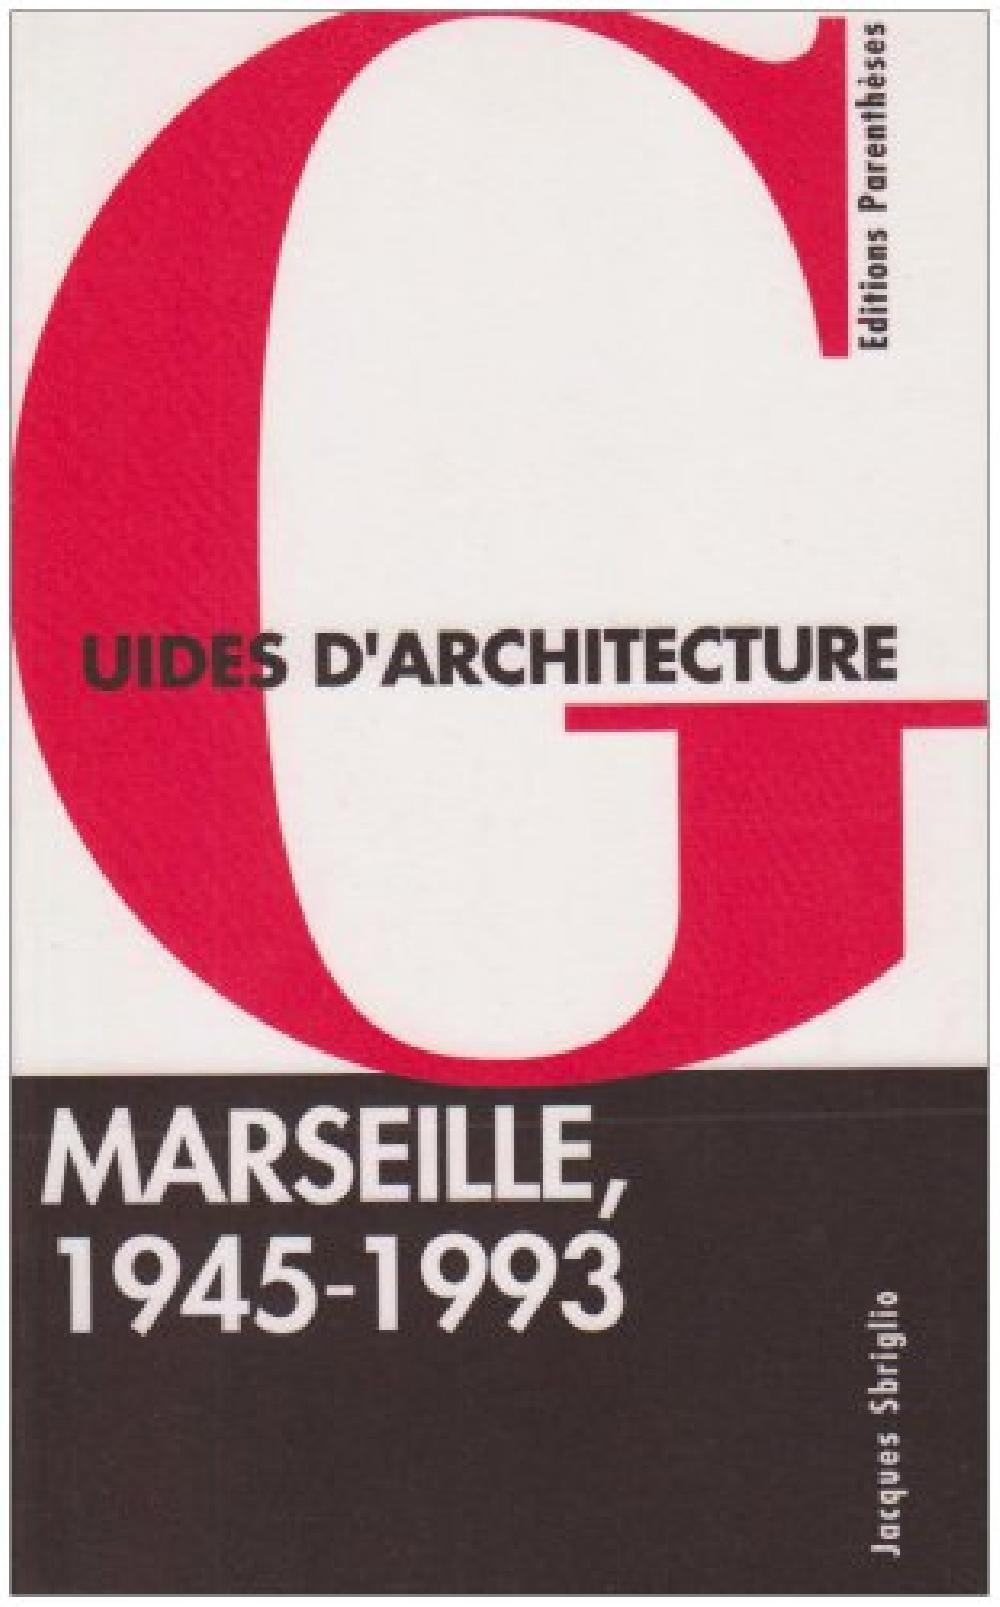 Guides d'architecture : Marseille, 1945-1993